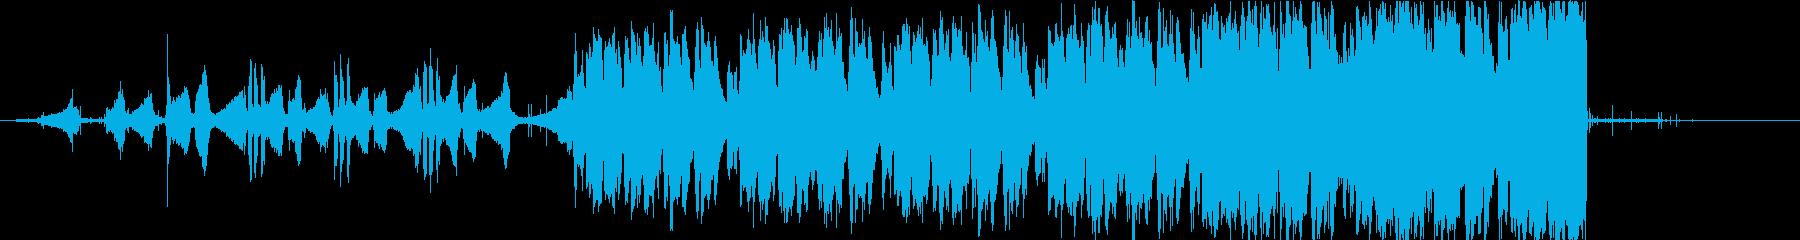 Outroの再生済みの波形